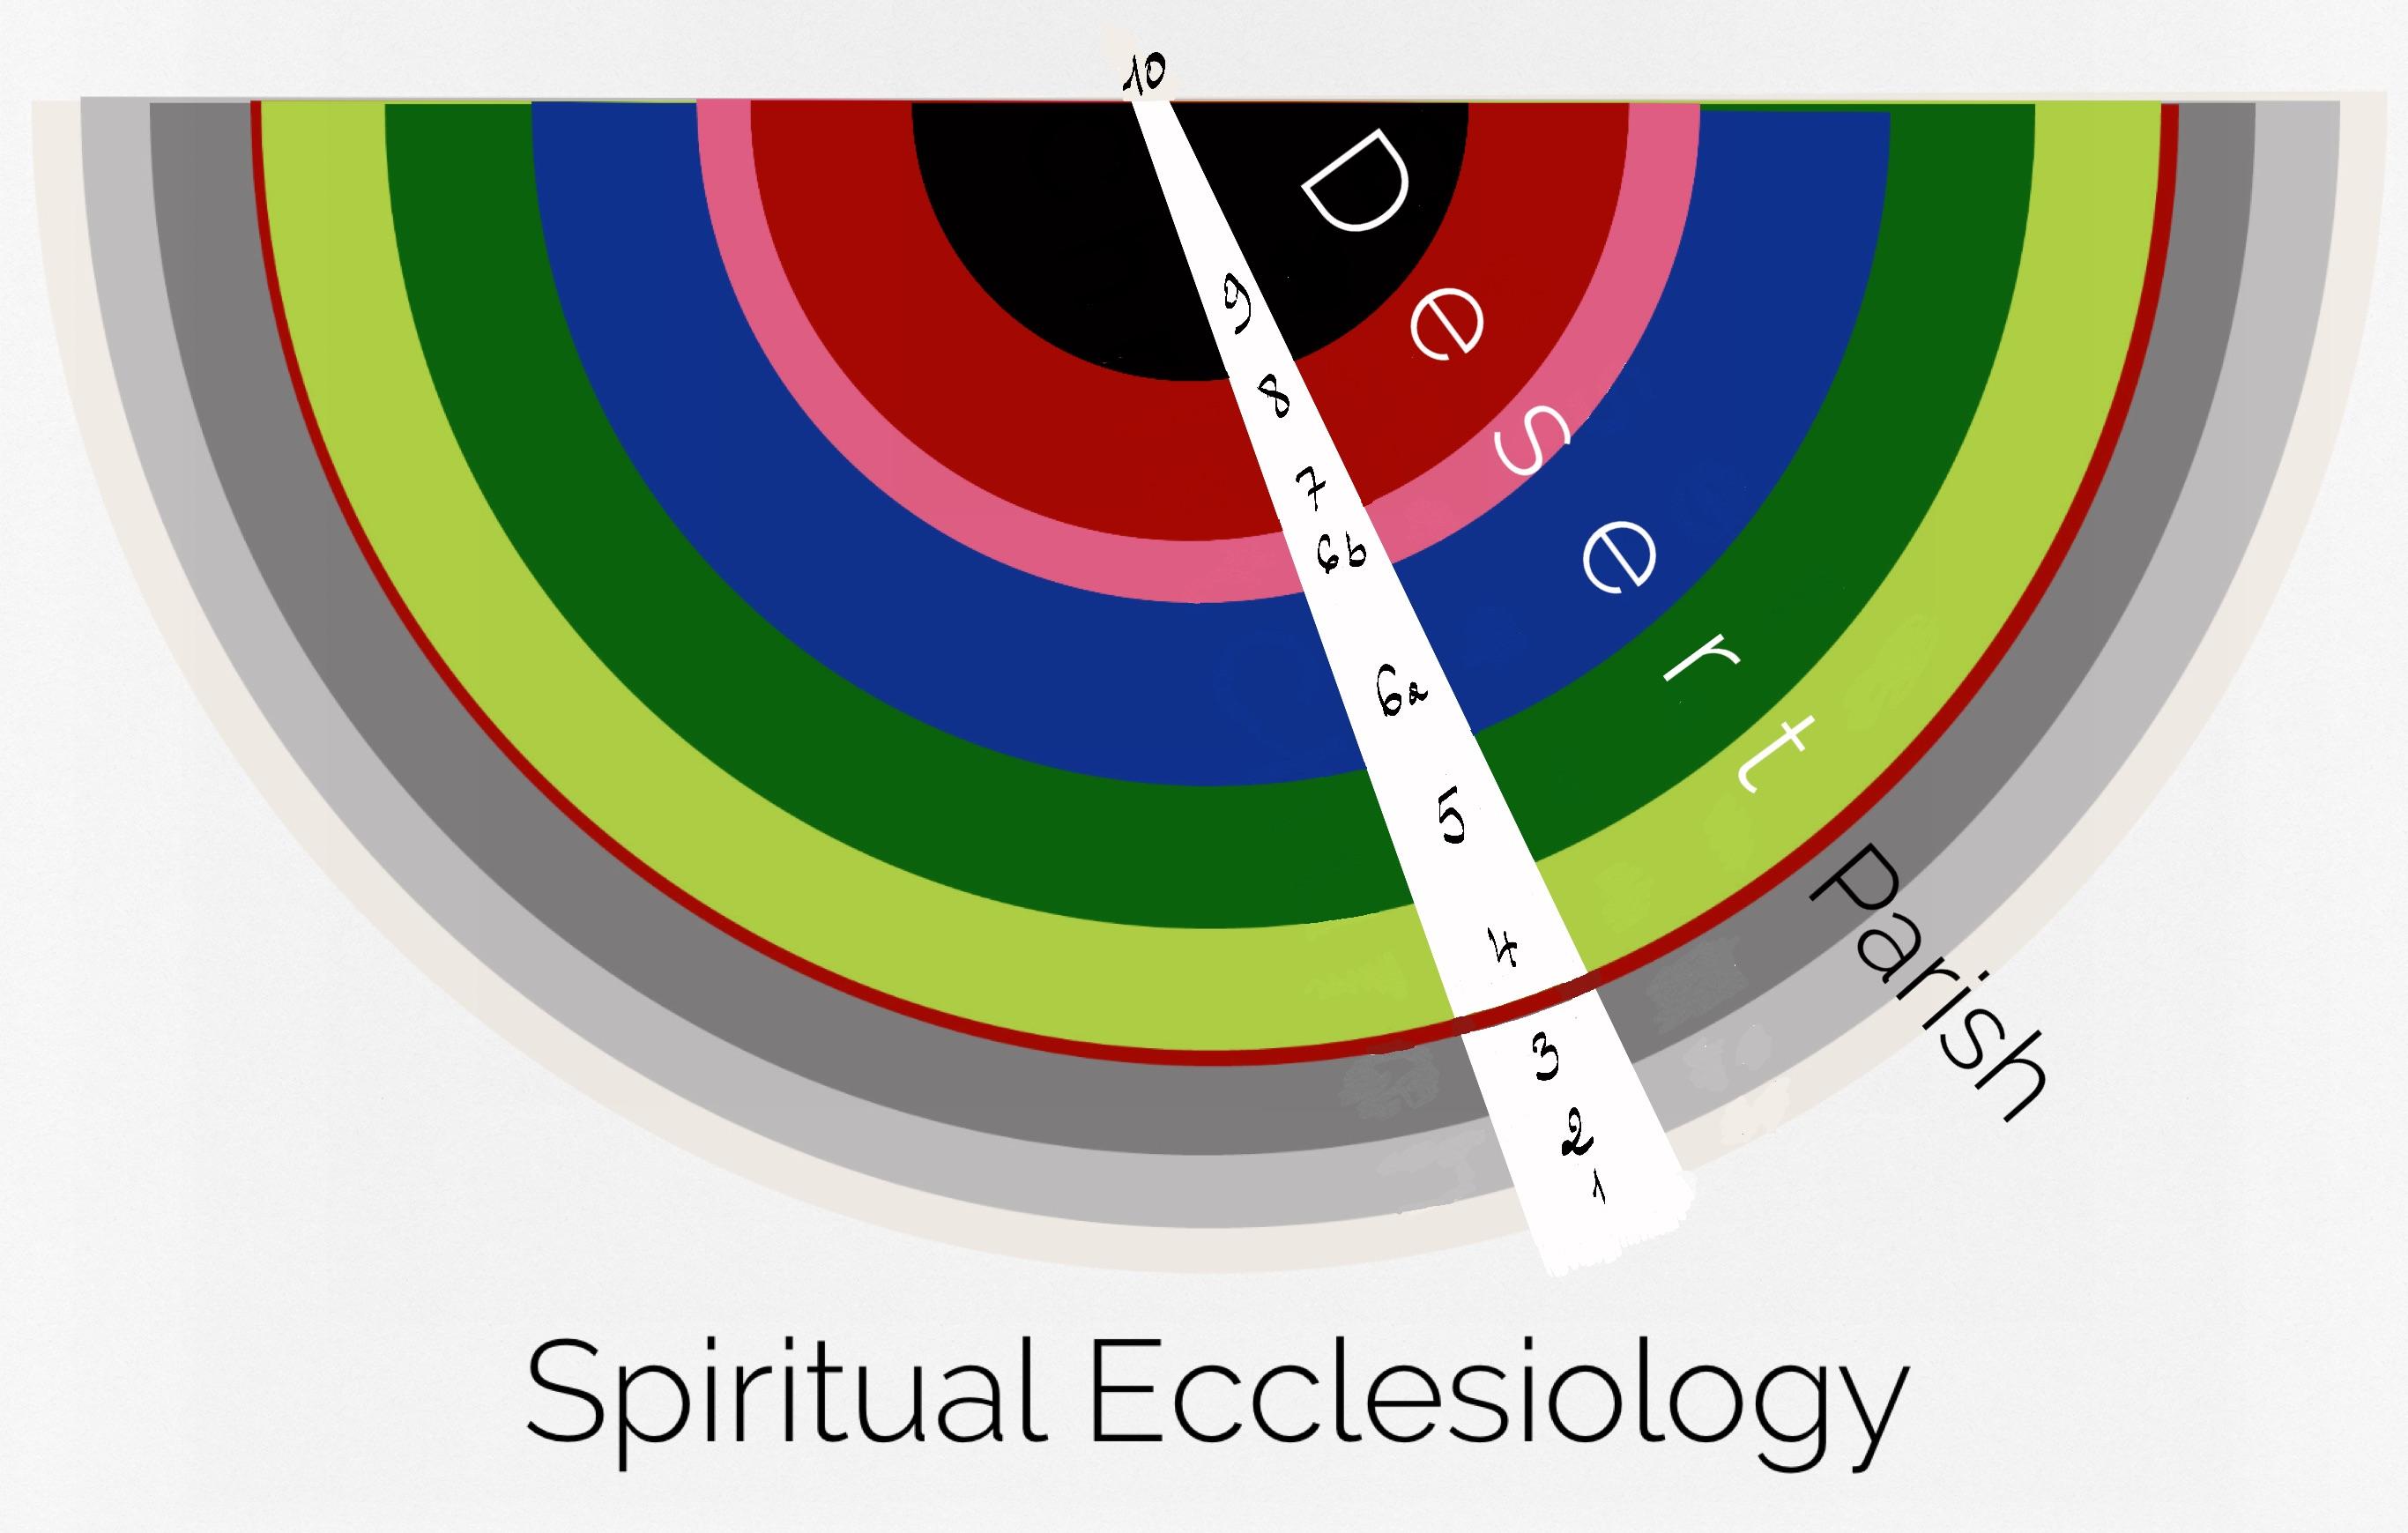 spiritual ecclesiology